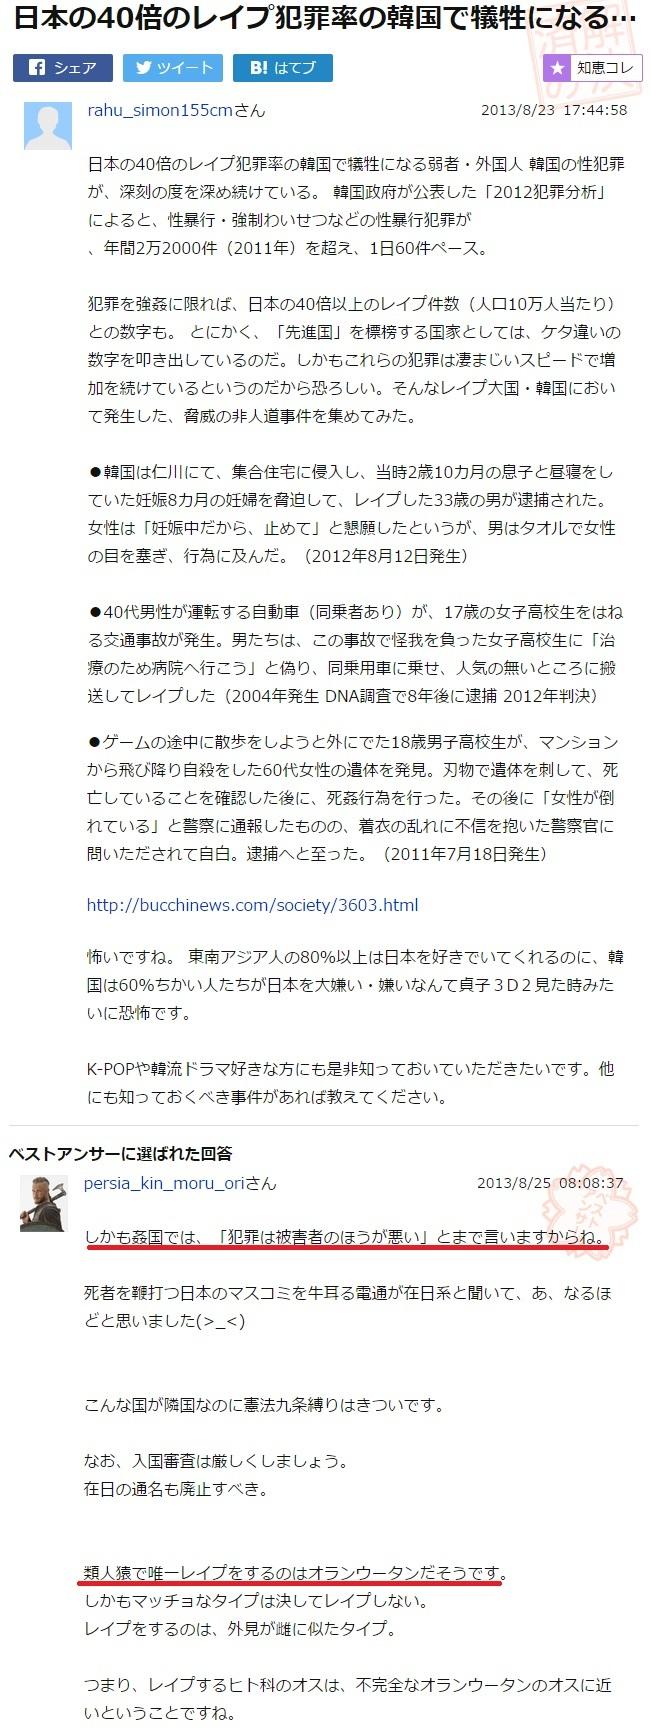 日本の40倍のレイプ犯罪率のチョン国